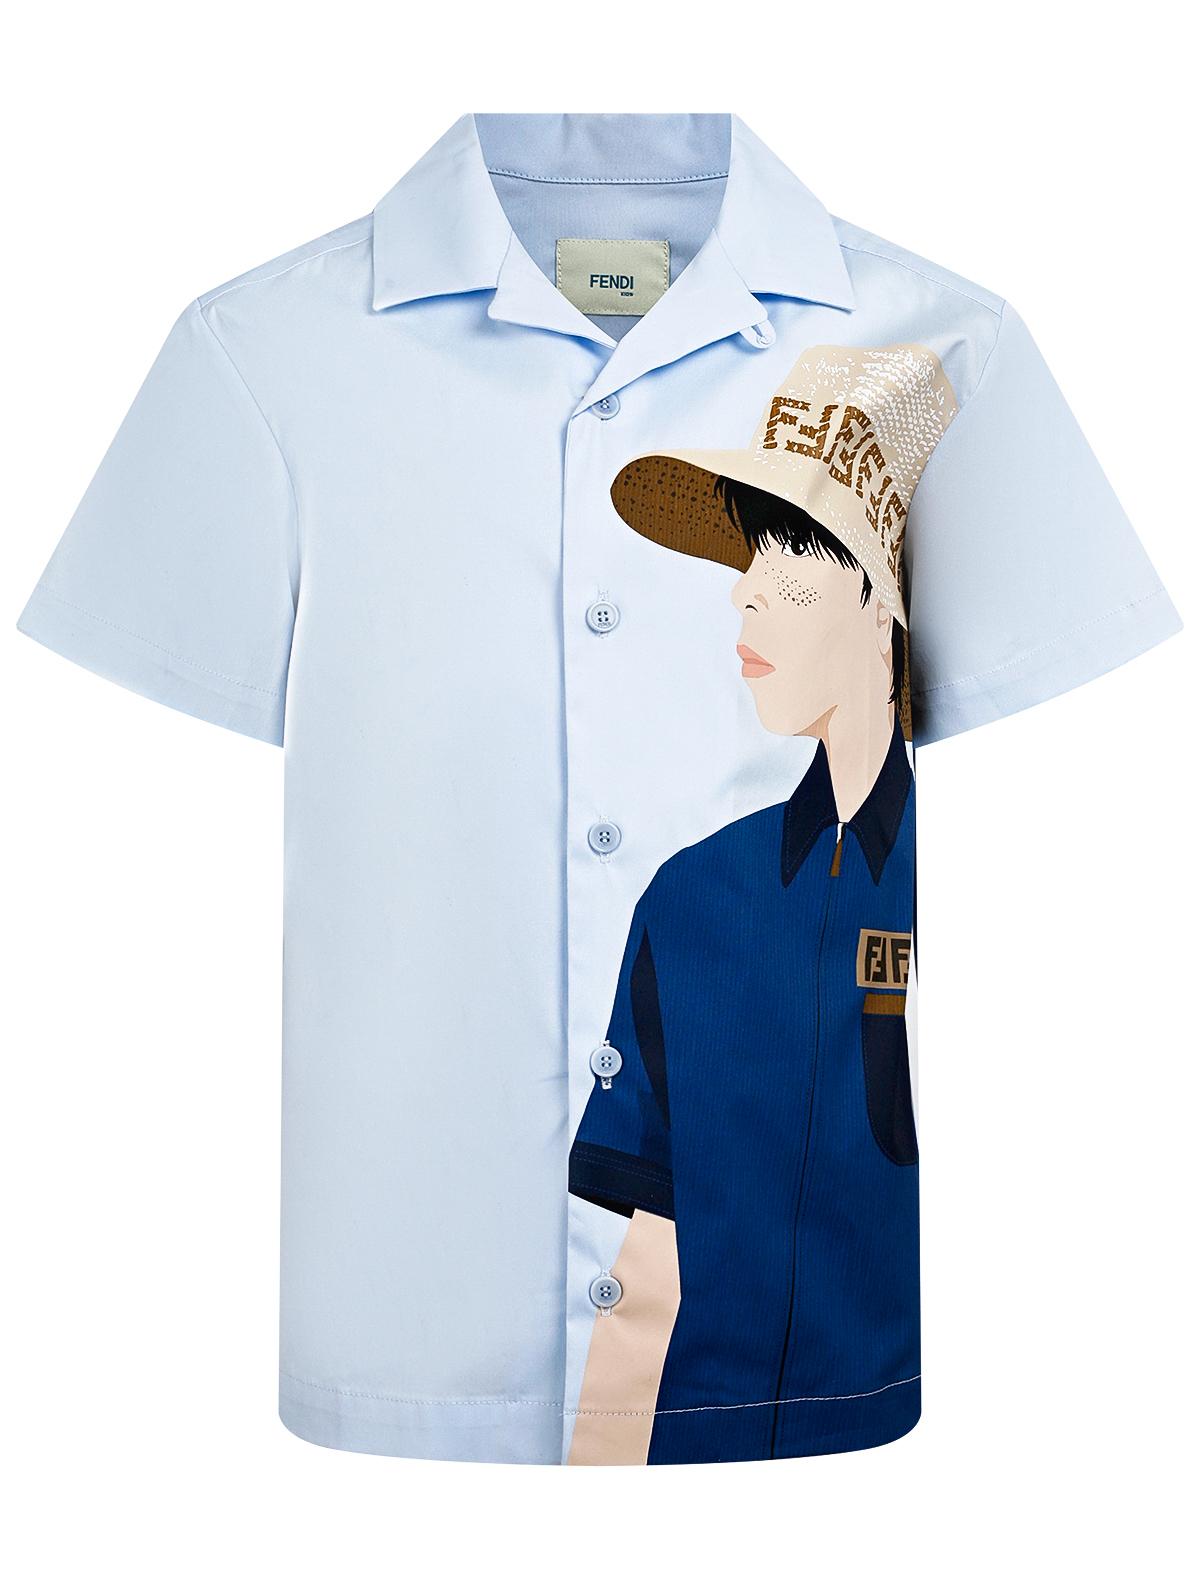 Купить 2296587, Рубашка Fendi, голубой, Мужской, 1014519172447